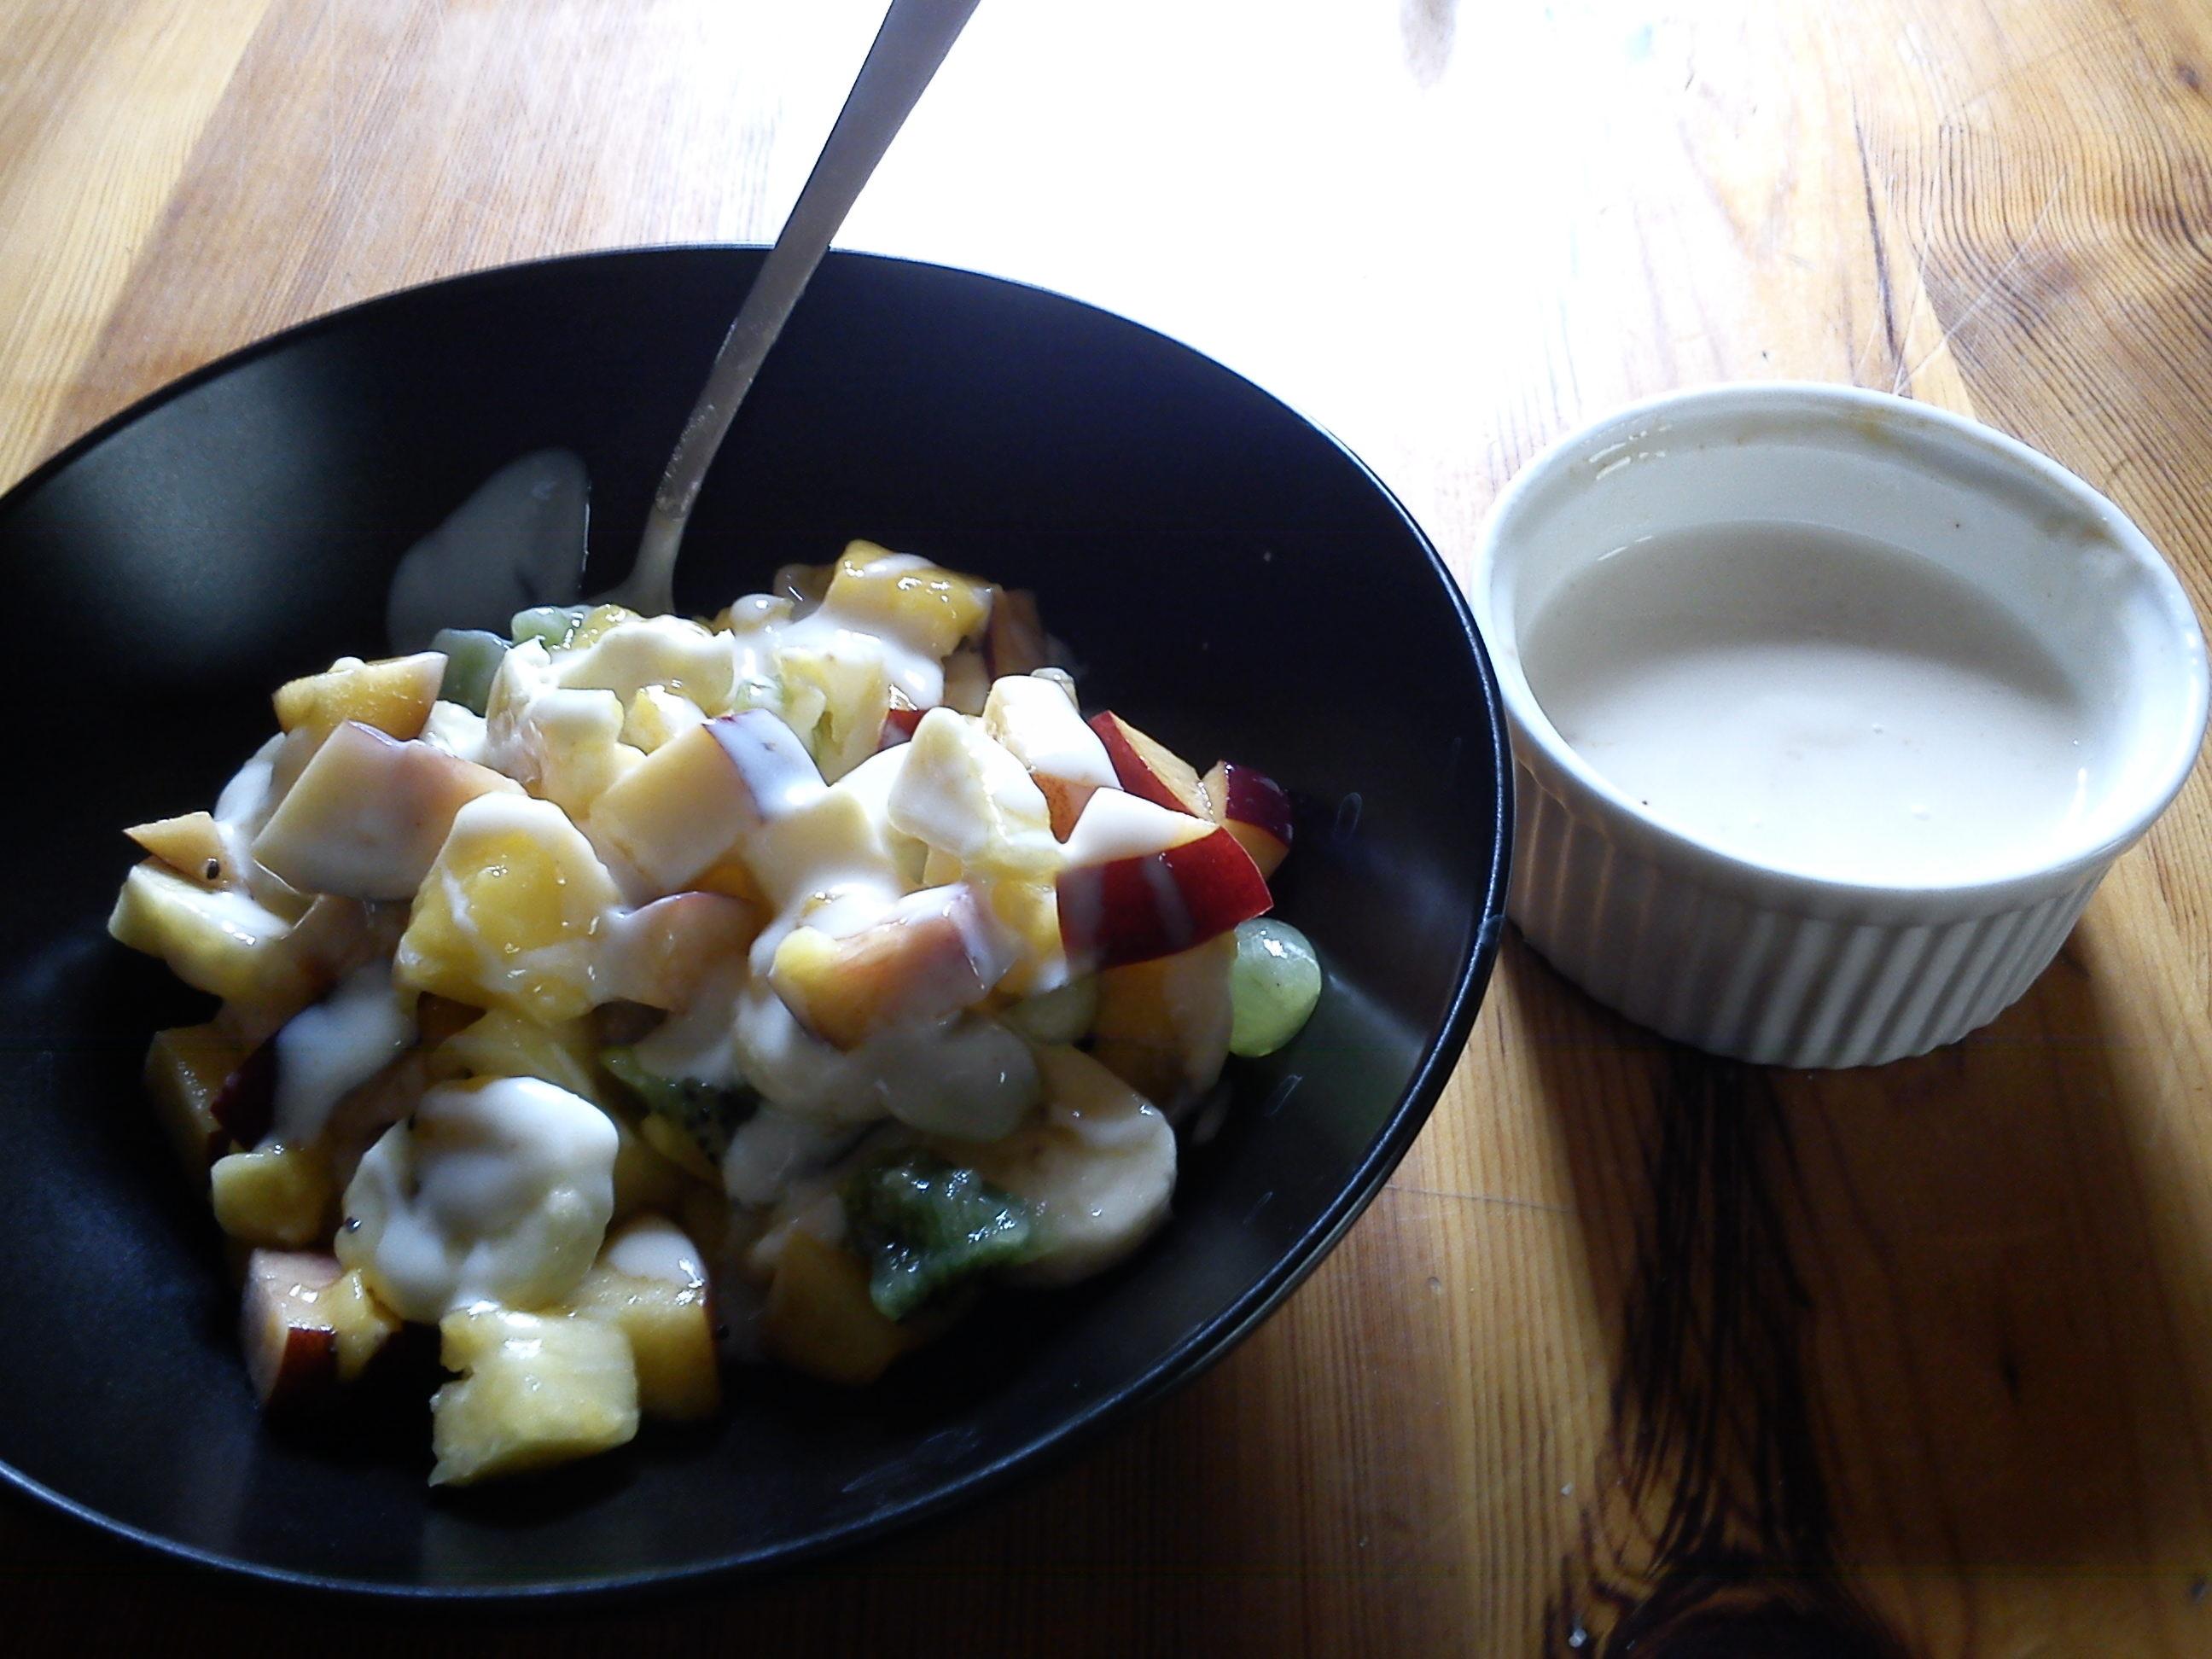 enkel sås till fruktsallad